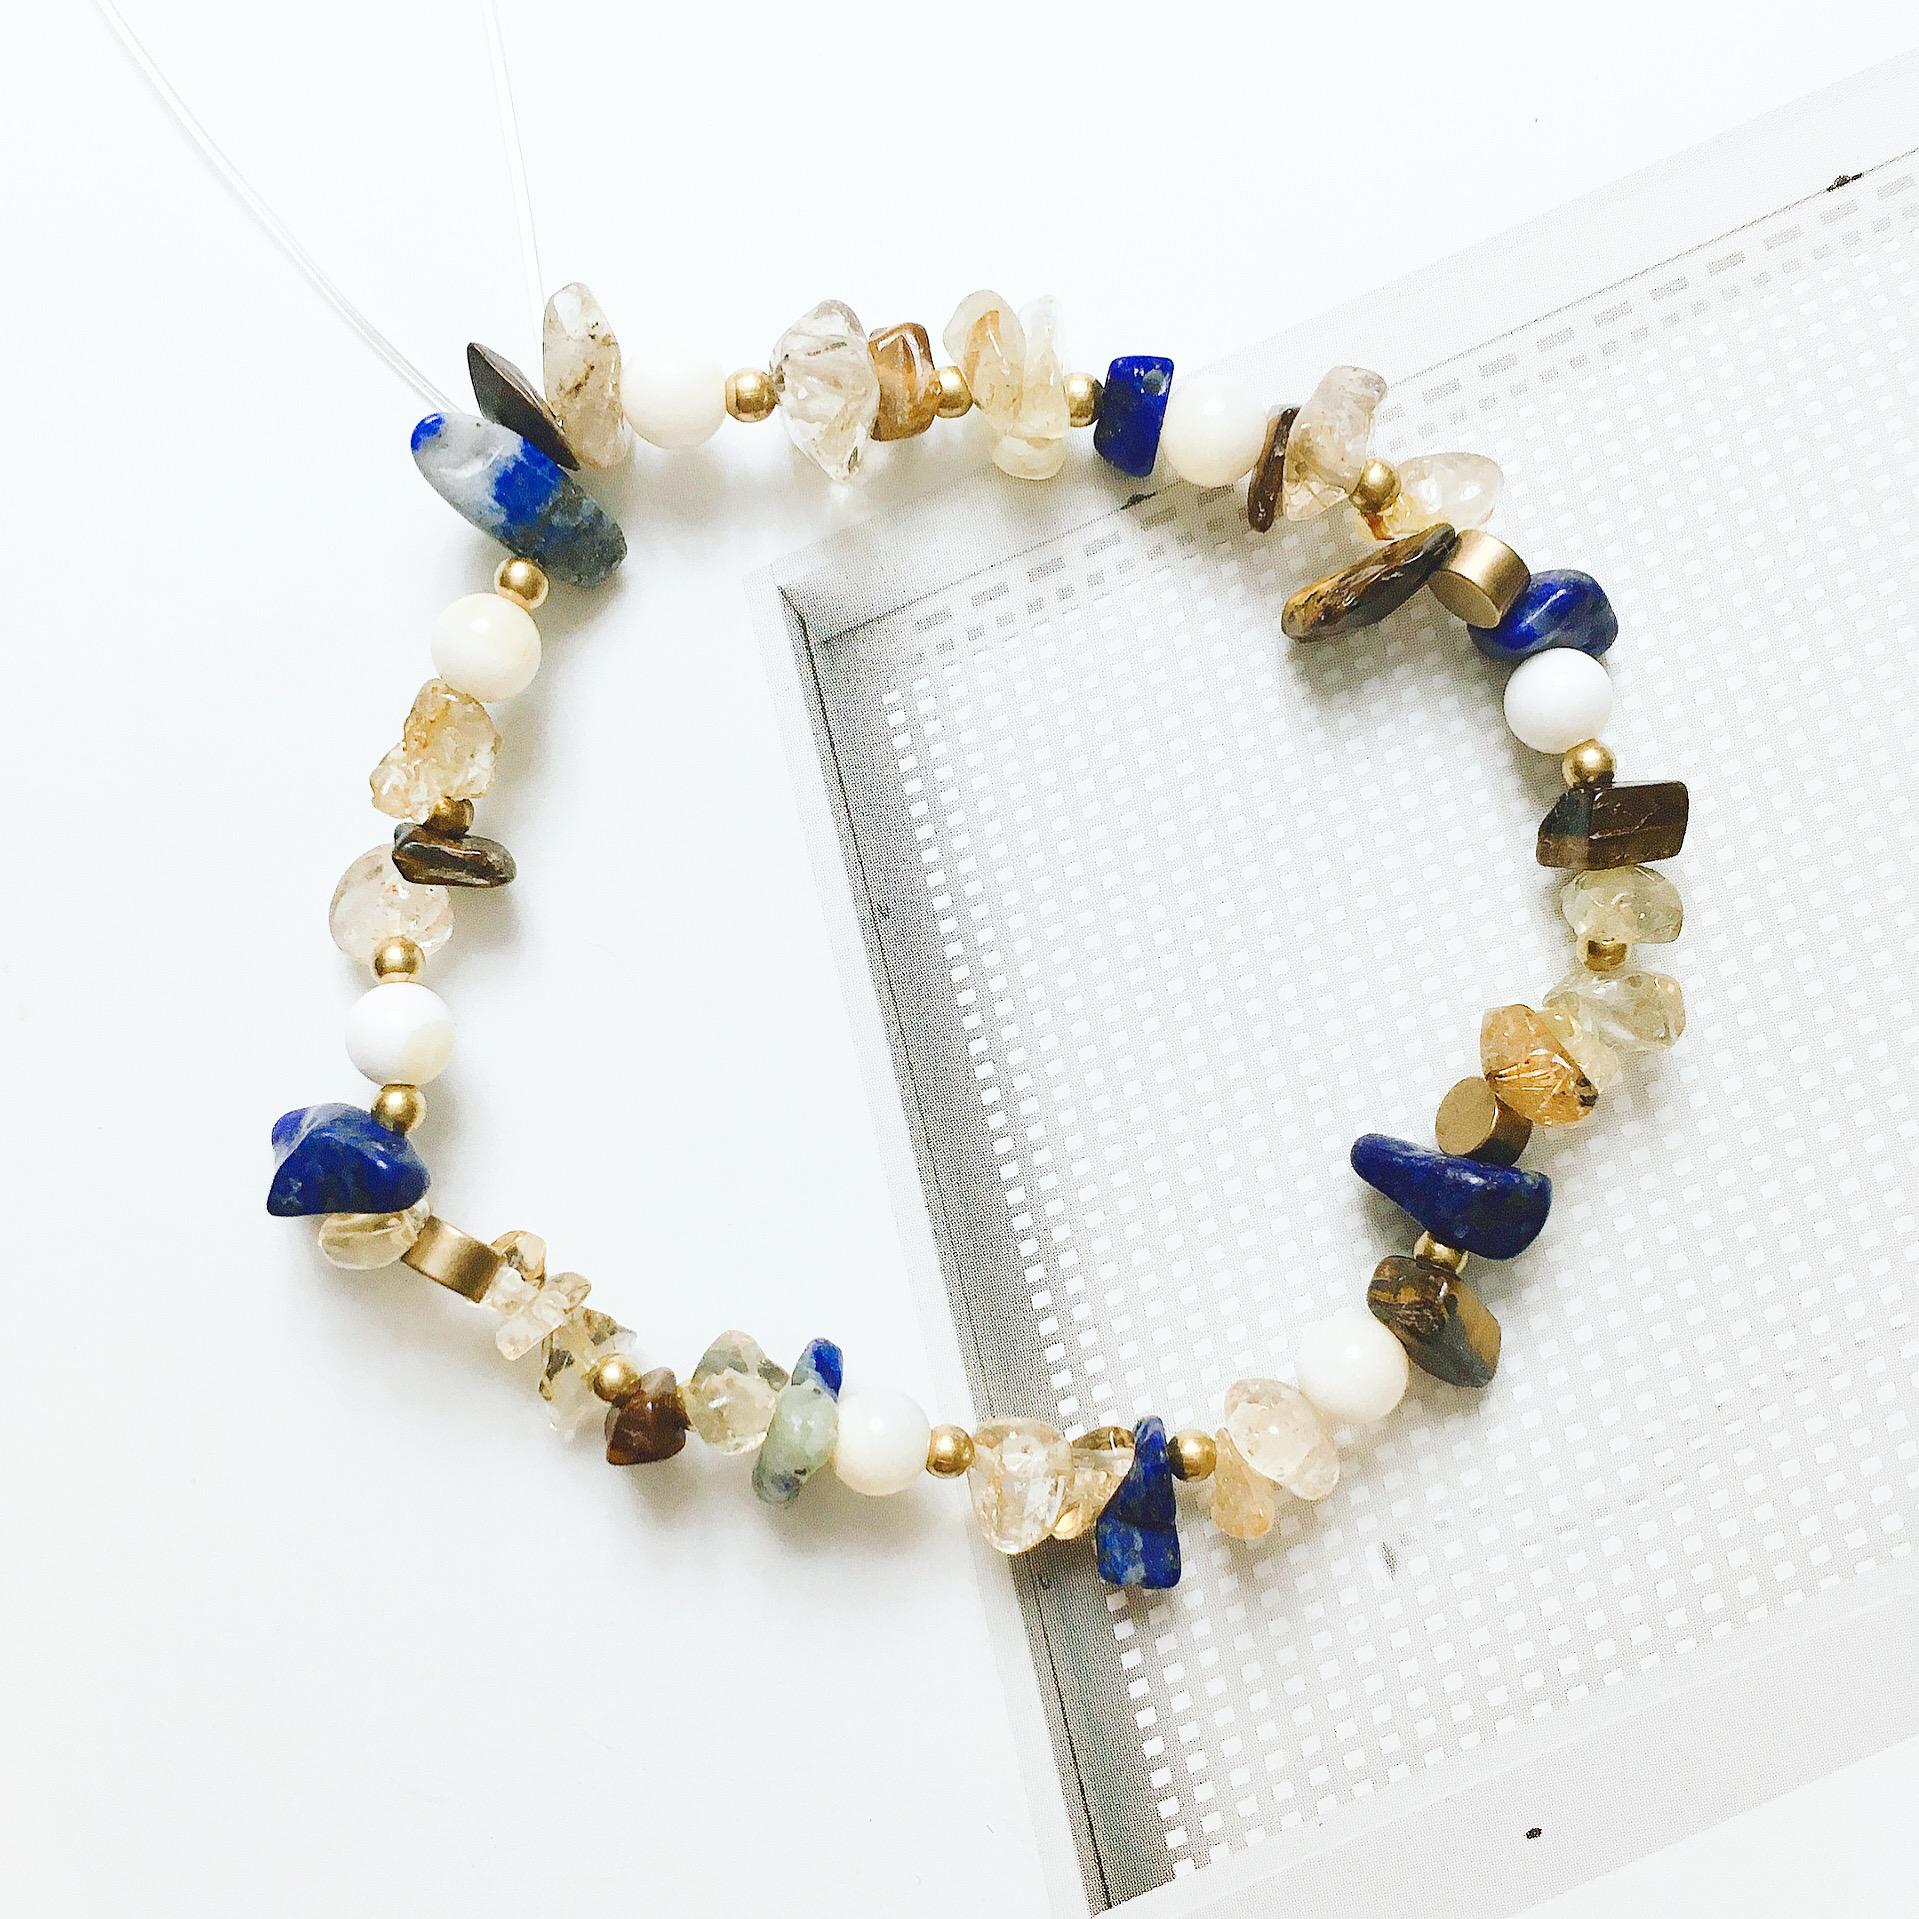 貝兒 礦石花圈手環 公主系列